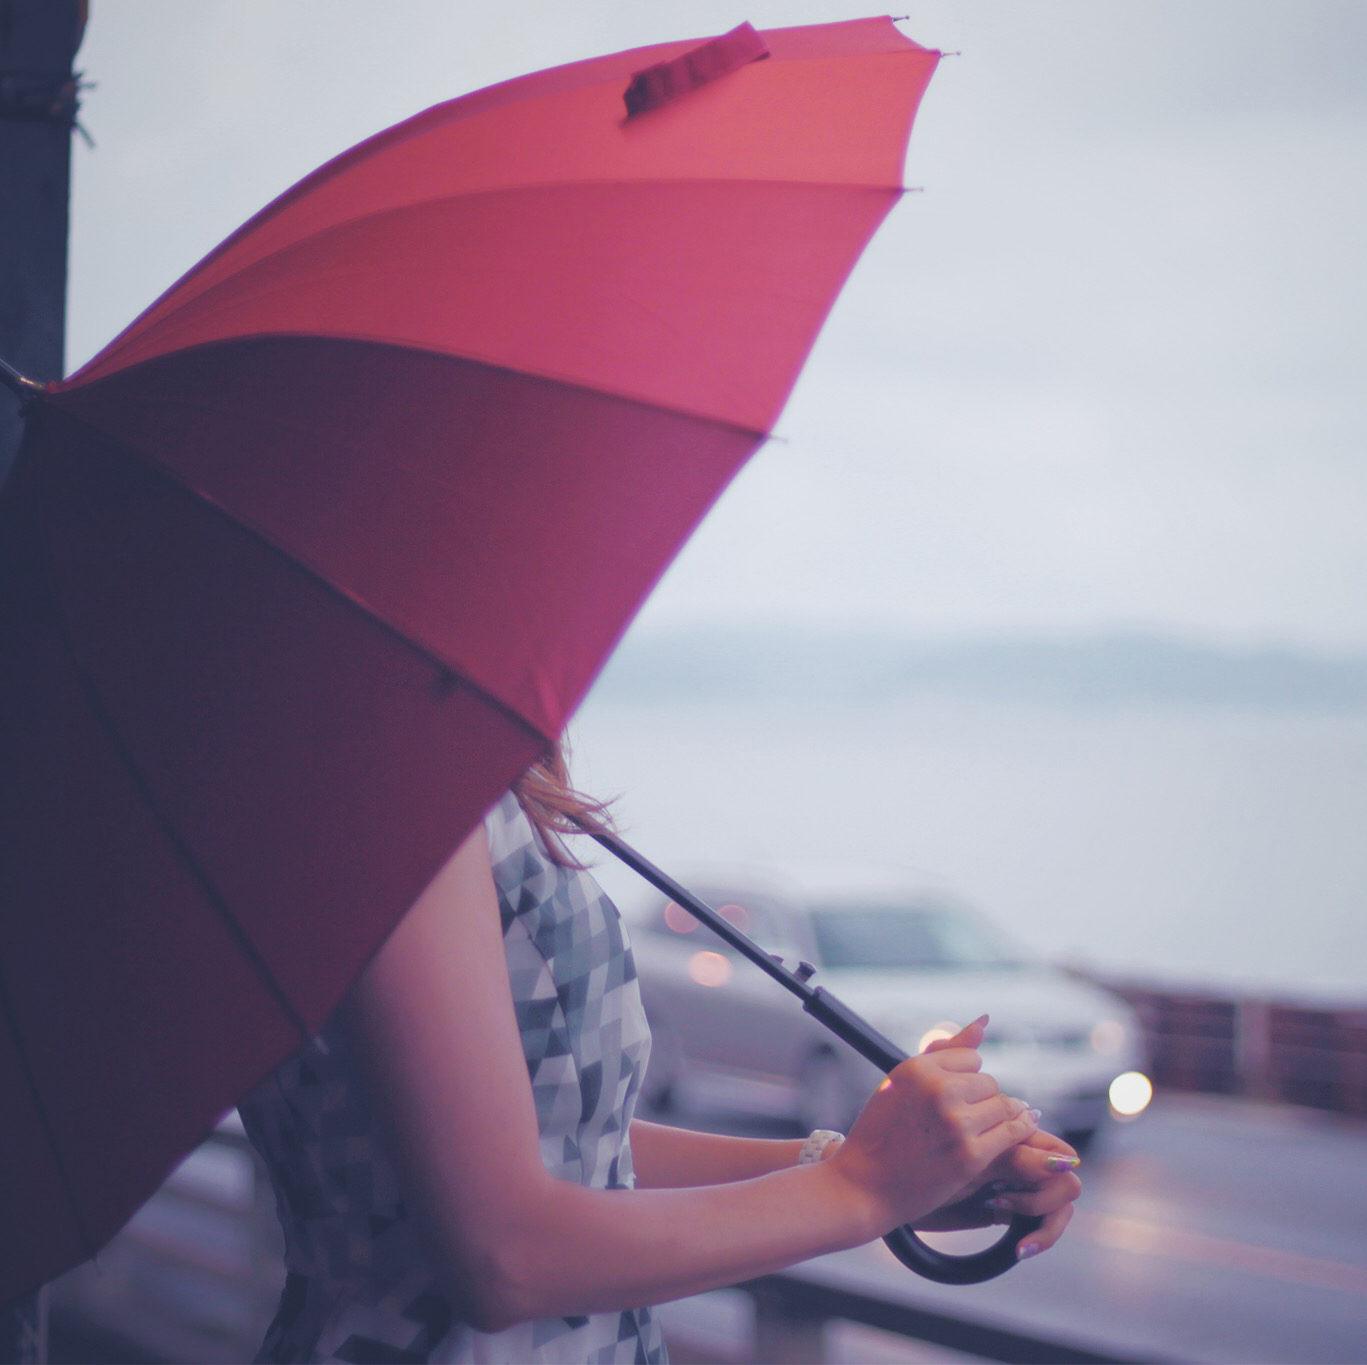 梅雨のメリットを必死に考えてみた。